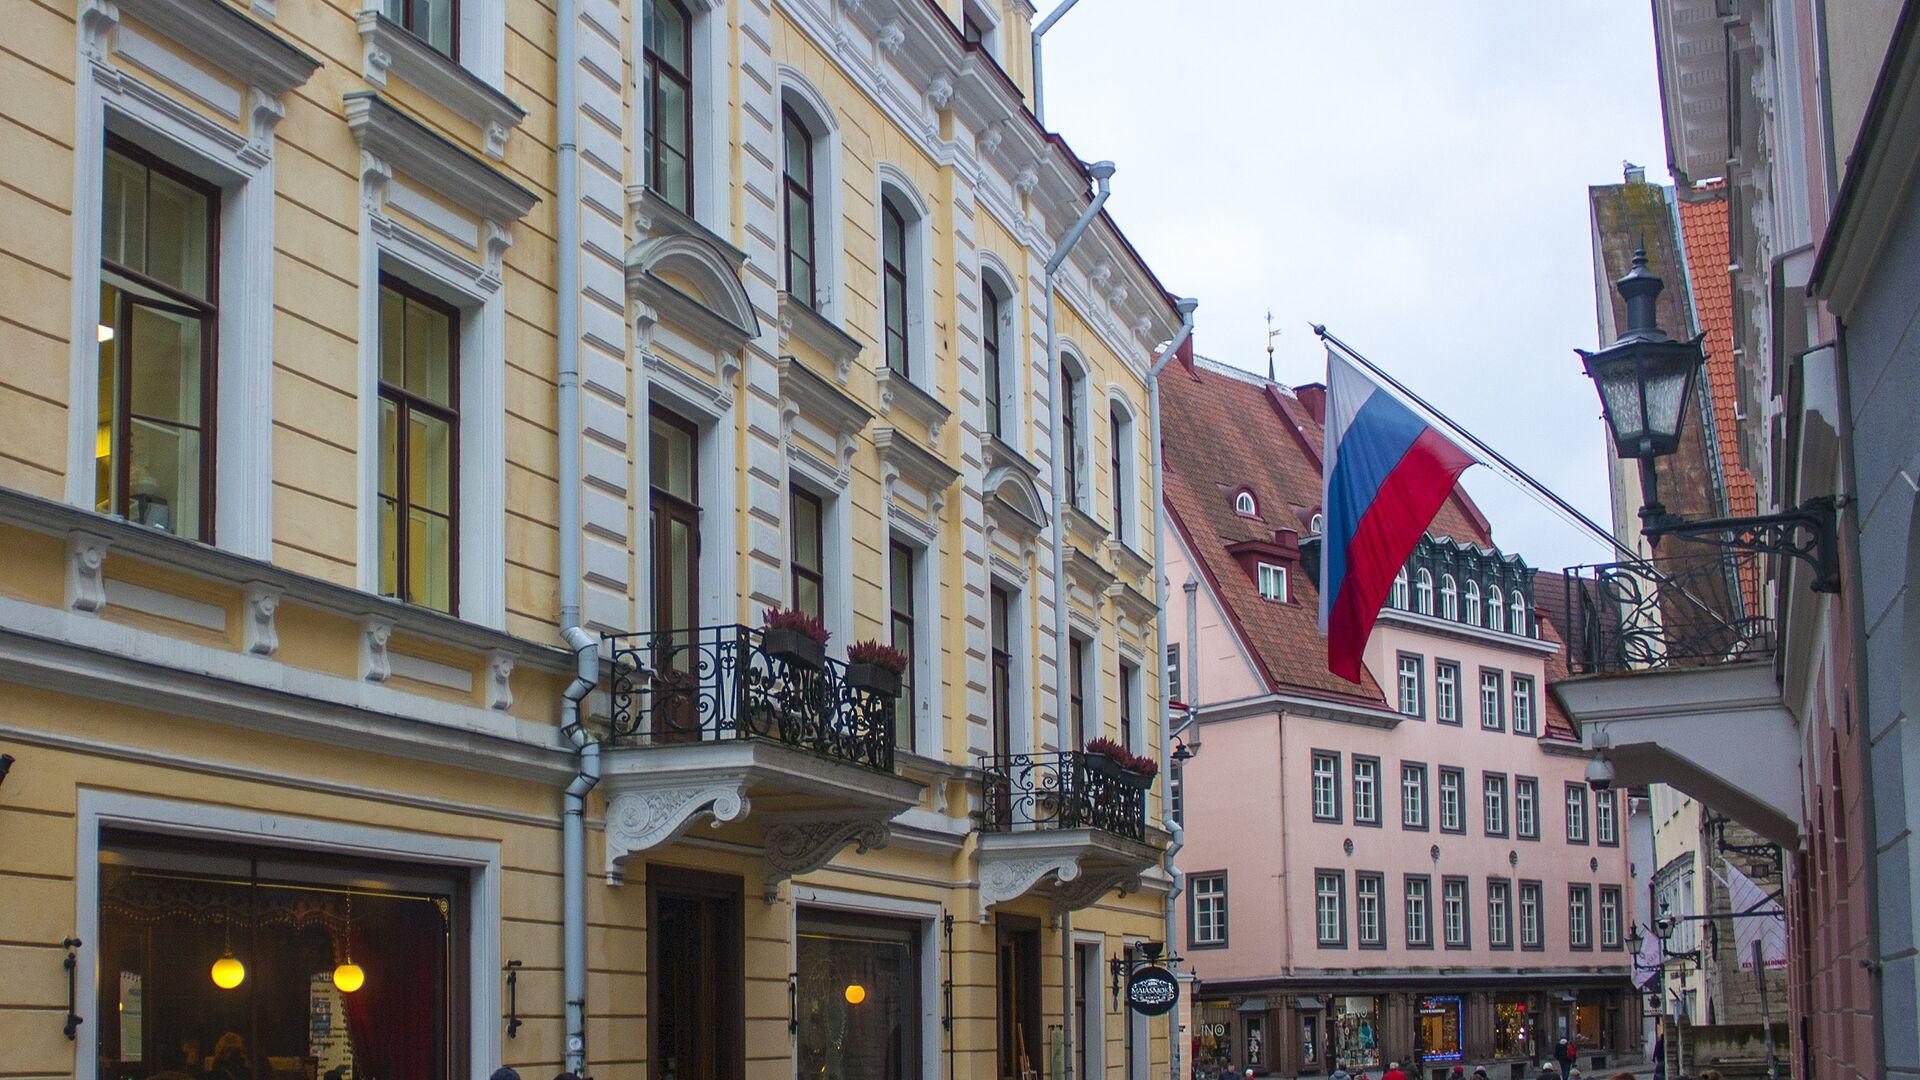 Флаг России на одном из зданий в старом городе в Таллине - РИА Новости, 1920, 24.02.2021